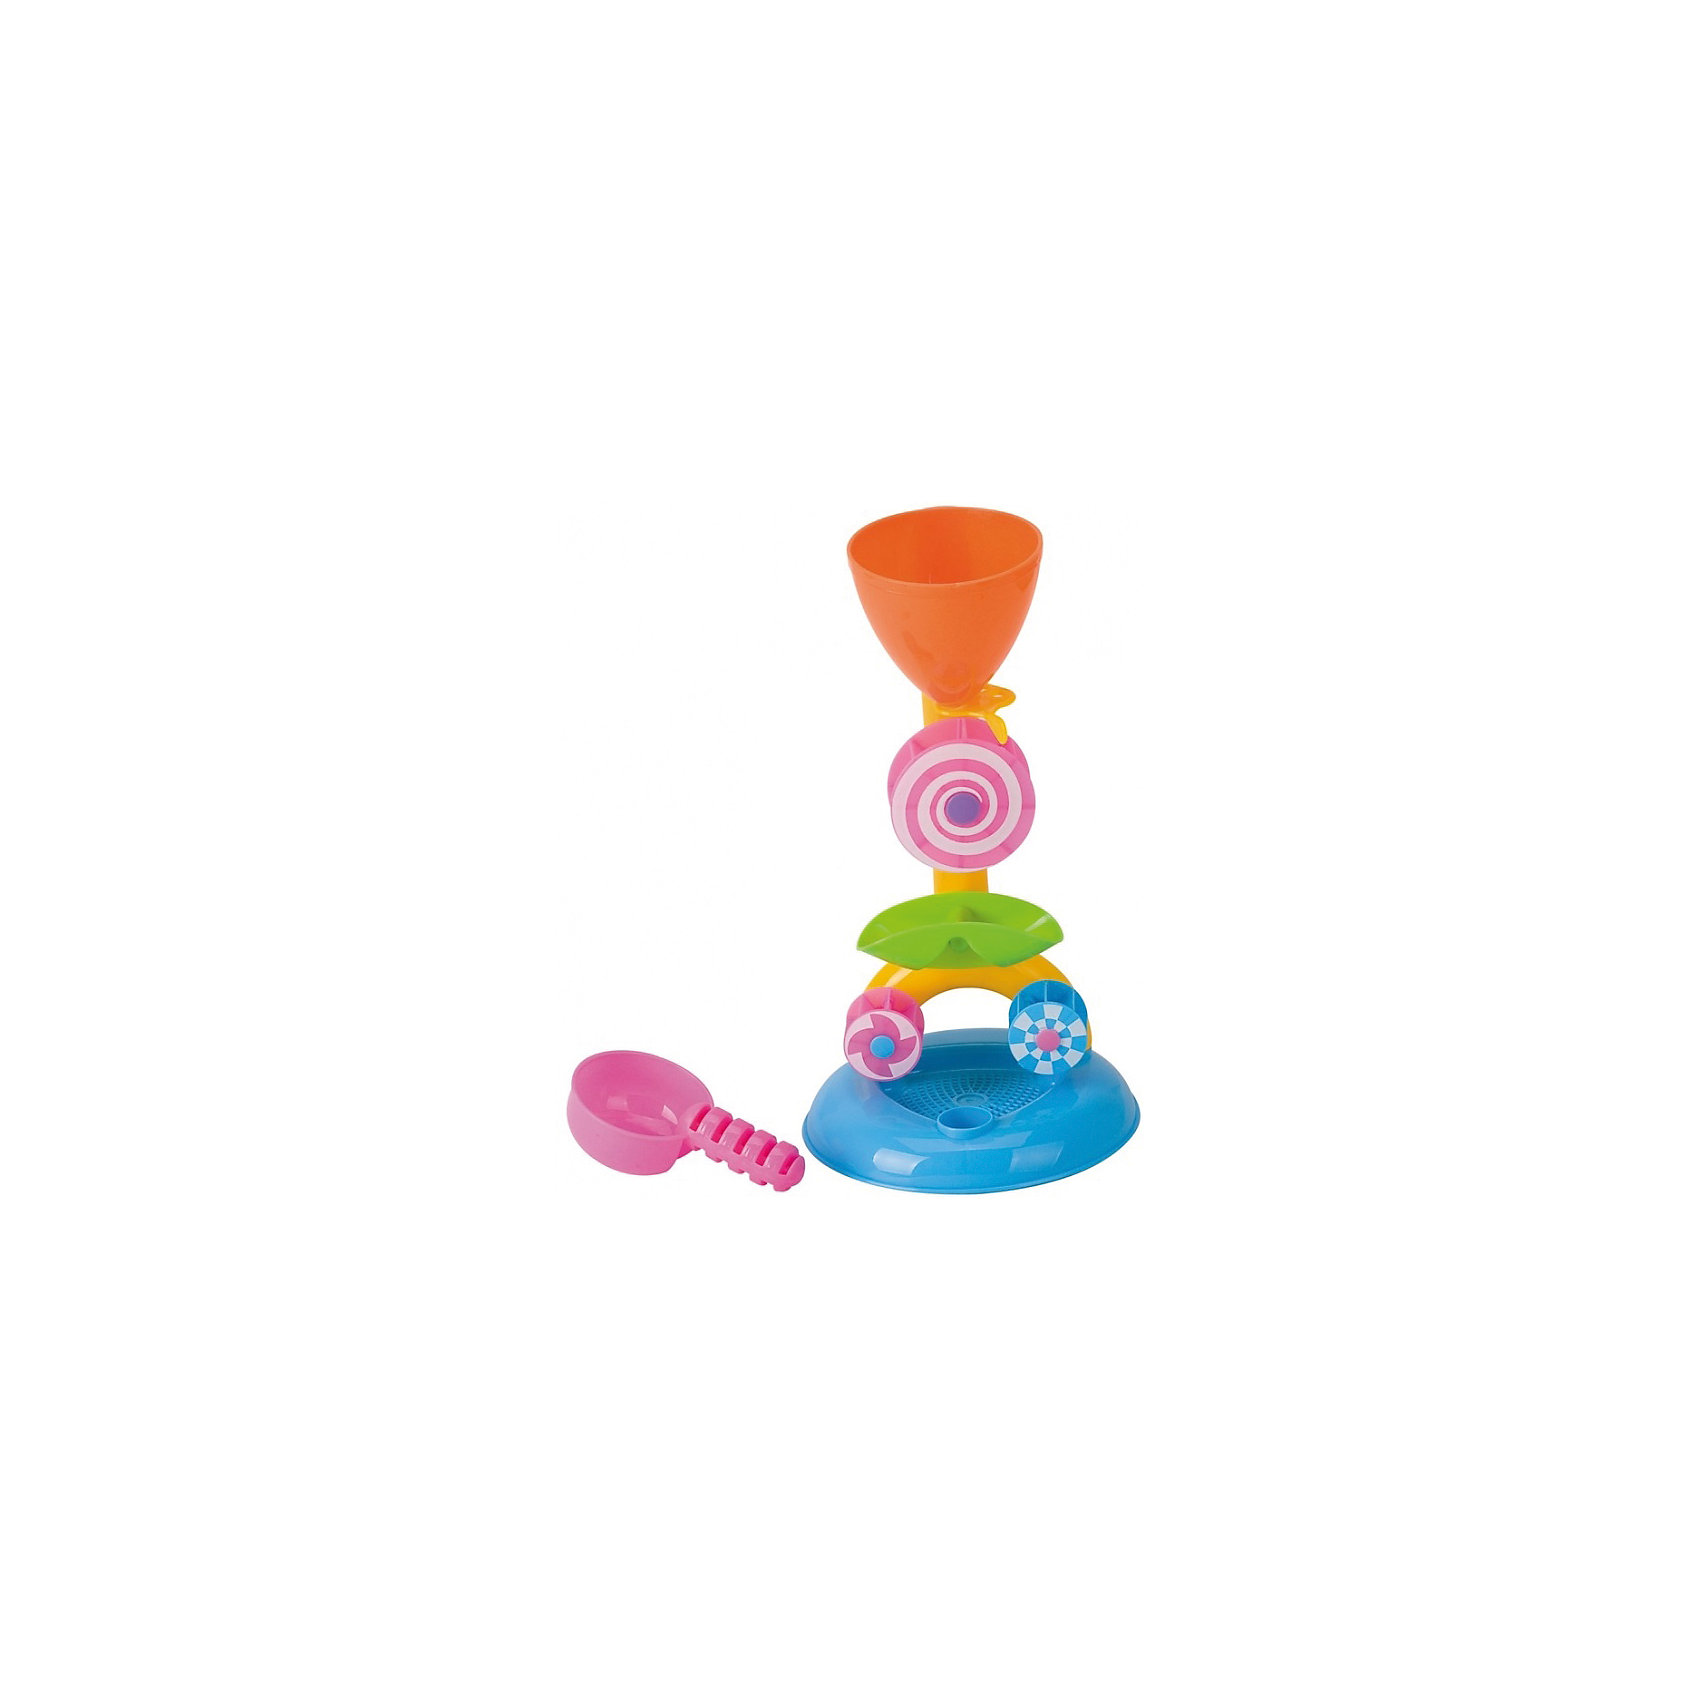 Набор для игр с песком и водой Мельница, 5 предм., Hualian ToysЛейки и поливалки<br>Набор для игр с песком и водой Мельница, Hualian Toys, прекрасно подойдет для игр в песочнице и на пляже. Также его можно использовать во время купания в ванной. Красочная игрушка представляет из себя воронку с широким устойчивым основанием и дополнительными деталями к ней: крутящимися колесами, ситом и ковшом. Заполняя воронку водой или песком, малыш с интересом будет наблюдать как водяная или песчаная струя приводят в движение лопасти колес на мельнице. Игрушка выполнена из экологически чистого и высококачественного материала, не содержащего в составе вредных красителей. Способствует развитию зрительного восприятия и тактильных ощущений, тренирует мелкую моторику. <br><br>Дополнительная информация:    <br>    <br>- В комплекте: воронка, два водяных колеса, сито, ковш.<br>- Материал: пластик. <br>- Размер упаковки: 10 х 17,5 х 32 см.<br>- Вес: 0,27 кг.<br><br>Набор для игр с песком и водой Мельница, 5 предметов, Hualian Toys, можно купить в нашем интернет-магазине/<br><br>Ширина мм: 100<br>Глубина мм: 175<br>Высота мм: 320<br>Вес г: 270<br>Возраст от месяцев: 36<br>Возраст до месяцев: 72<br>Пол: Унисекс<br>Возраст: Детский<br>SKU: 4622253